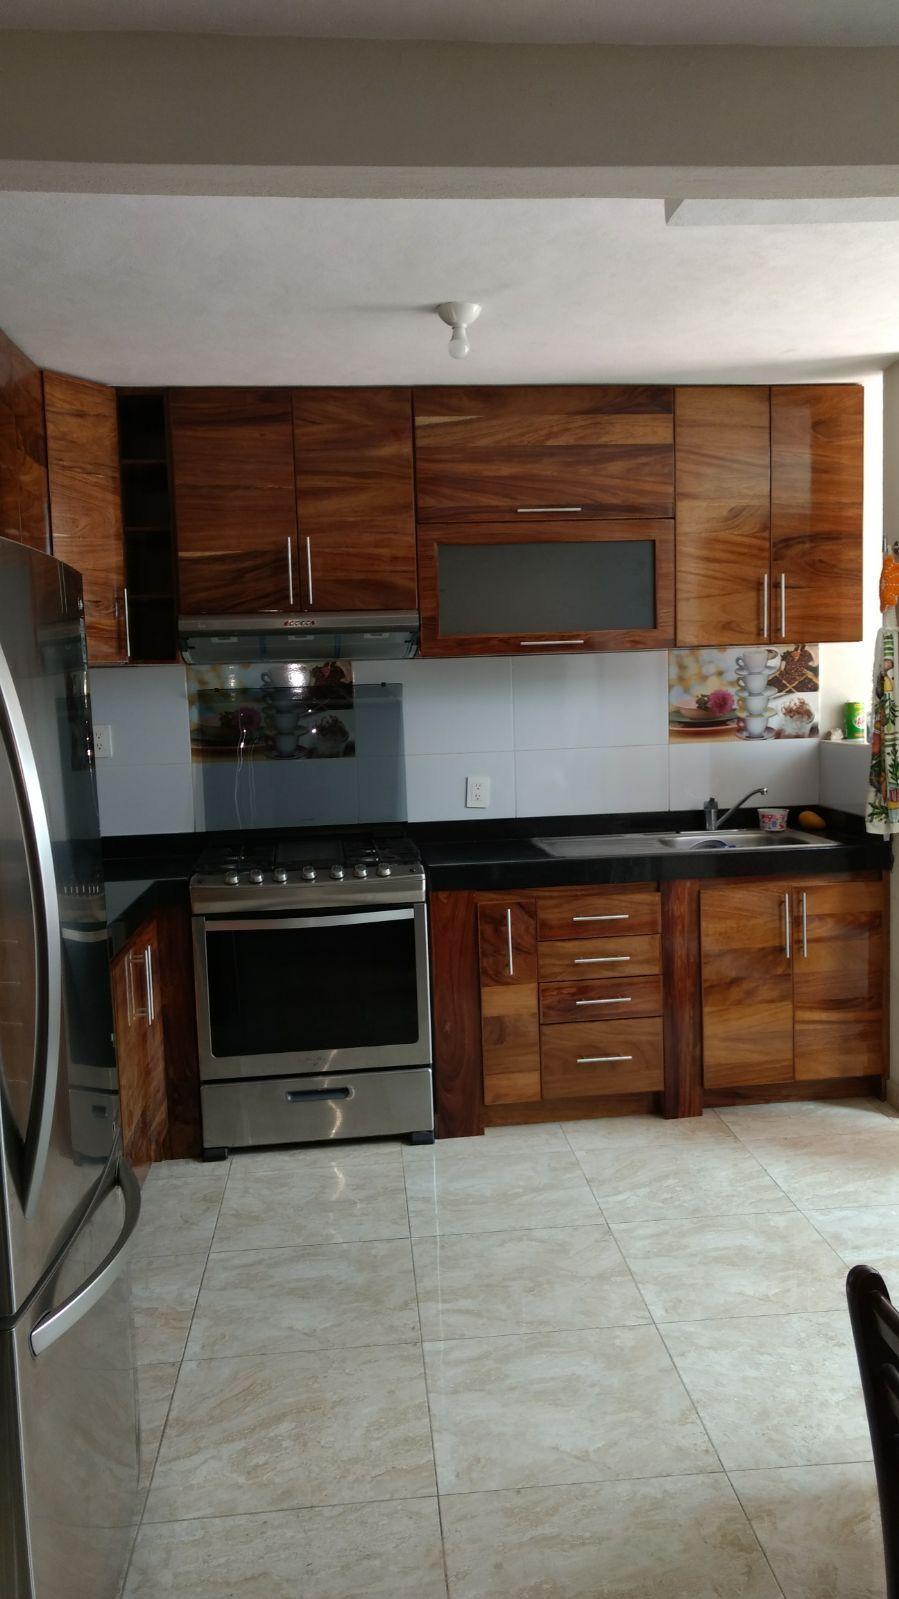 Cocina en madera de parota en 2020 | Cocinas integrales ...